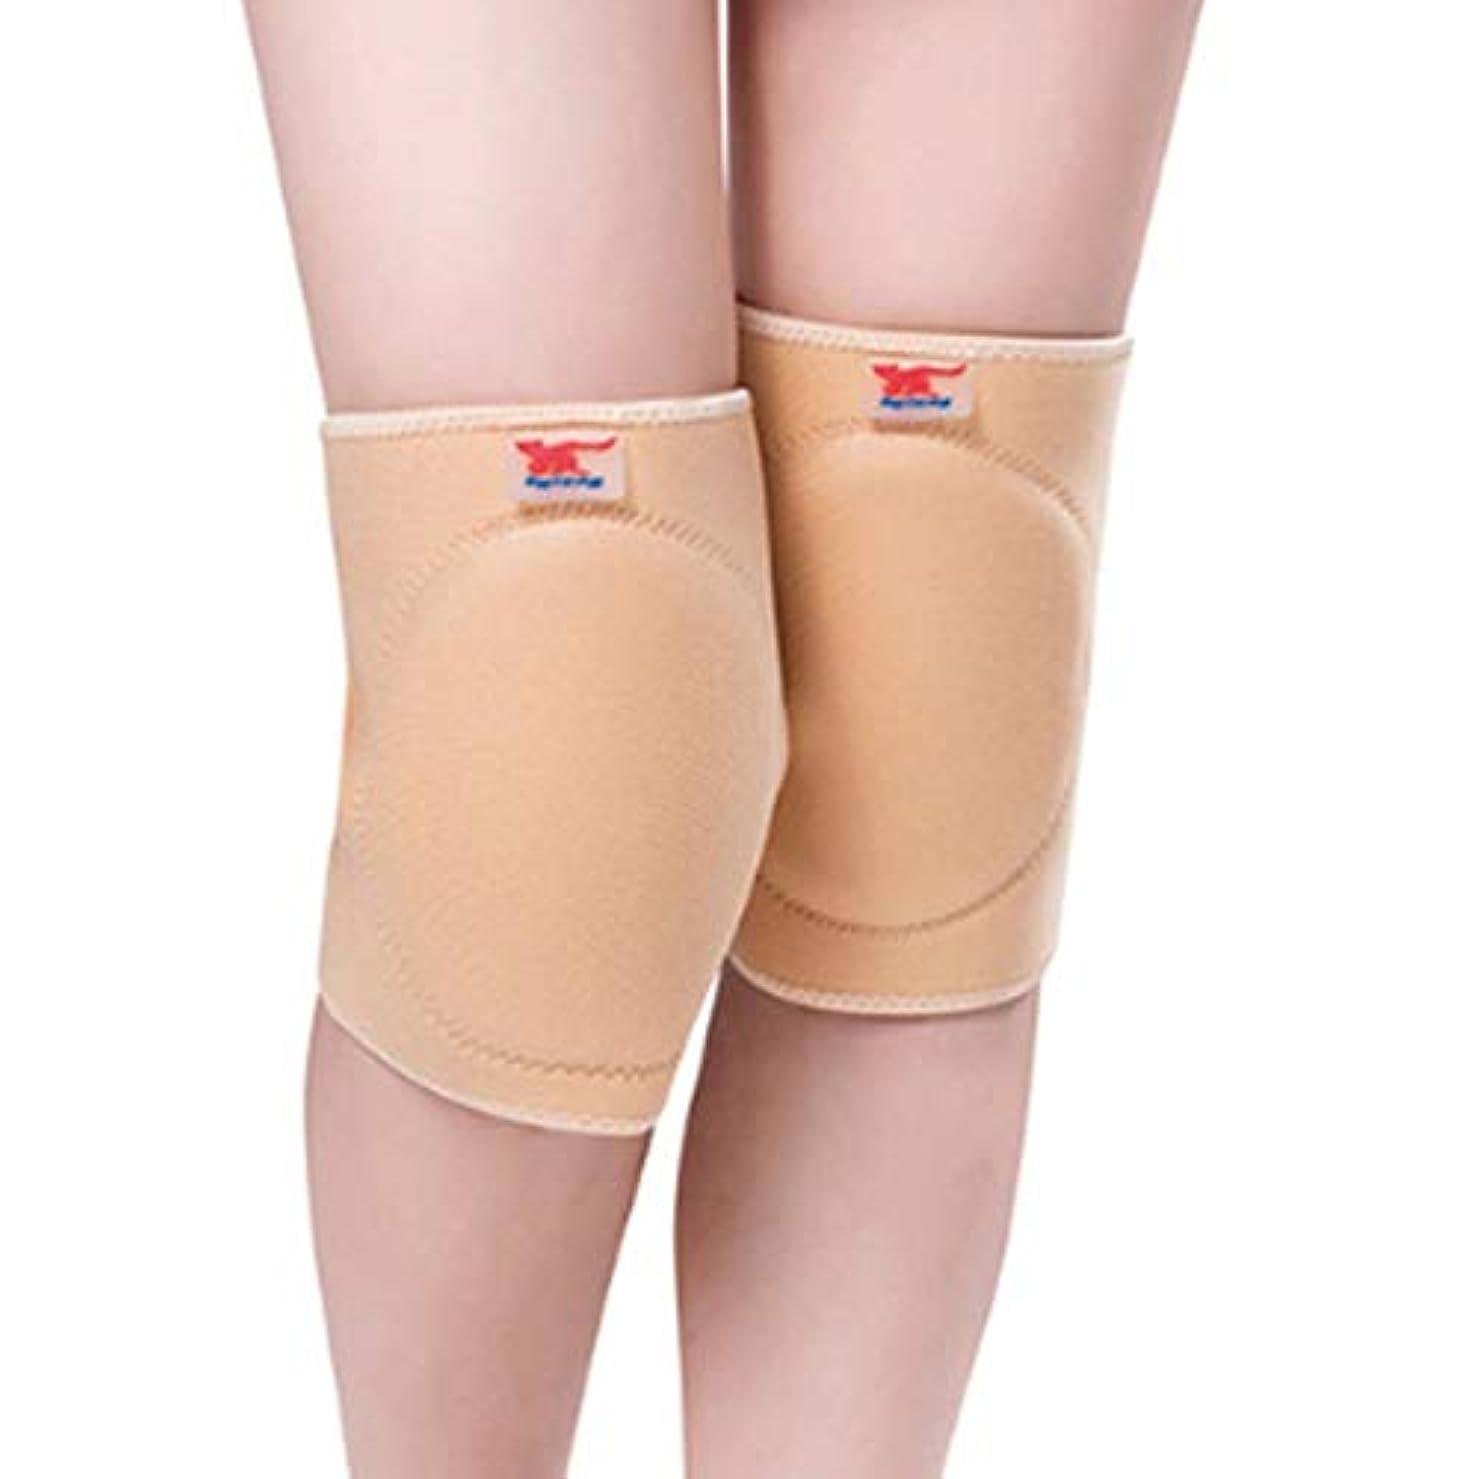 禁じる有料魅惑する反膝パッドウール防止関節炎保温暖かい膝サポート通気性肥厚膝パッド安全膝ブレース